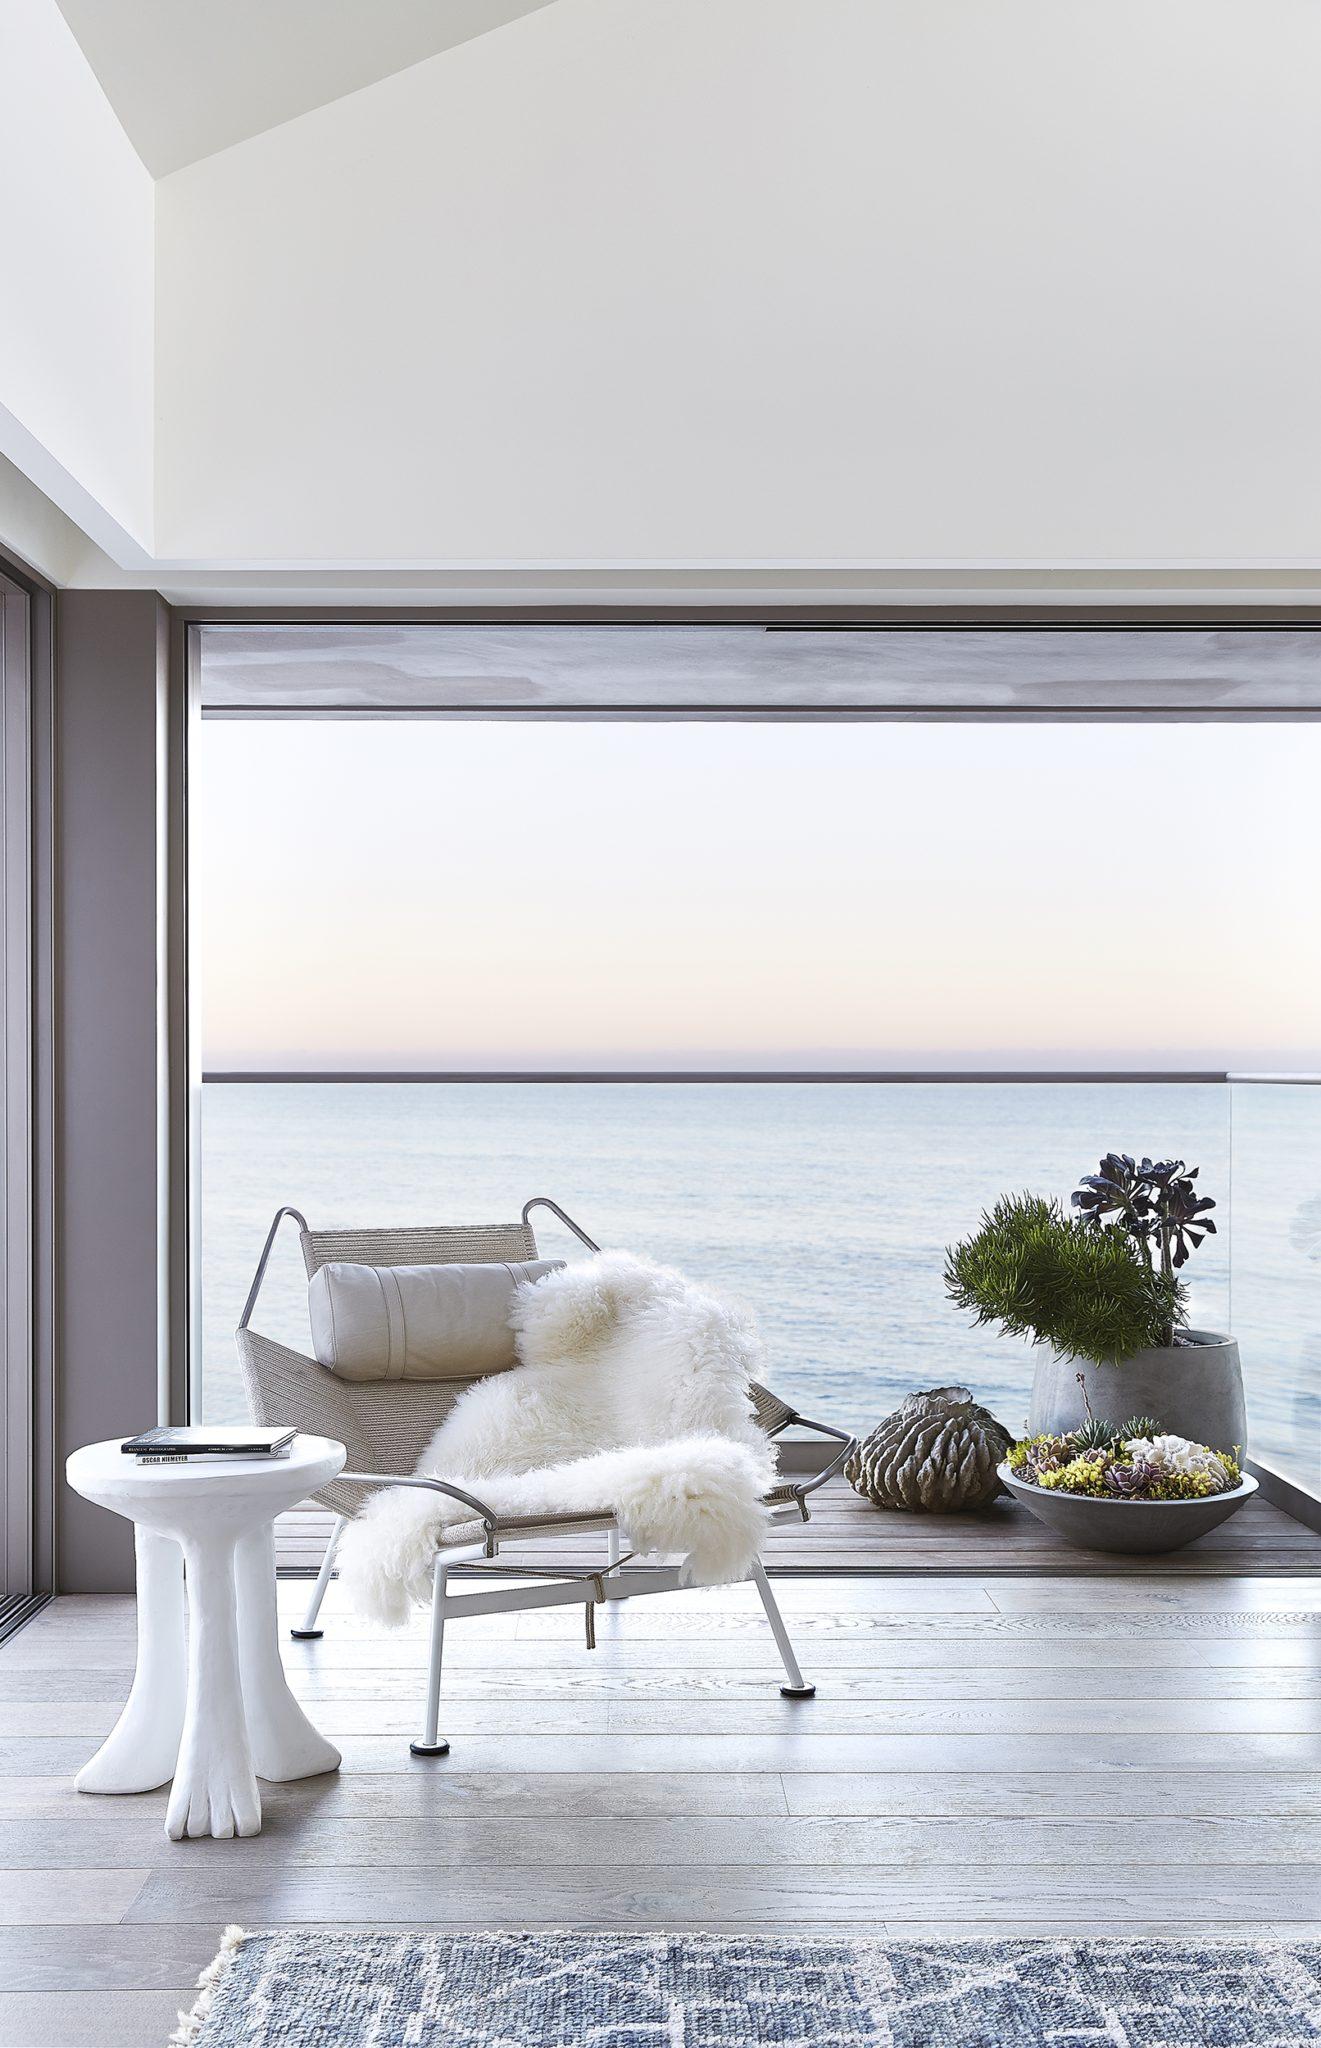 Malibu Modern Retreat by Jamie Bush + Co.